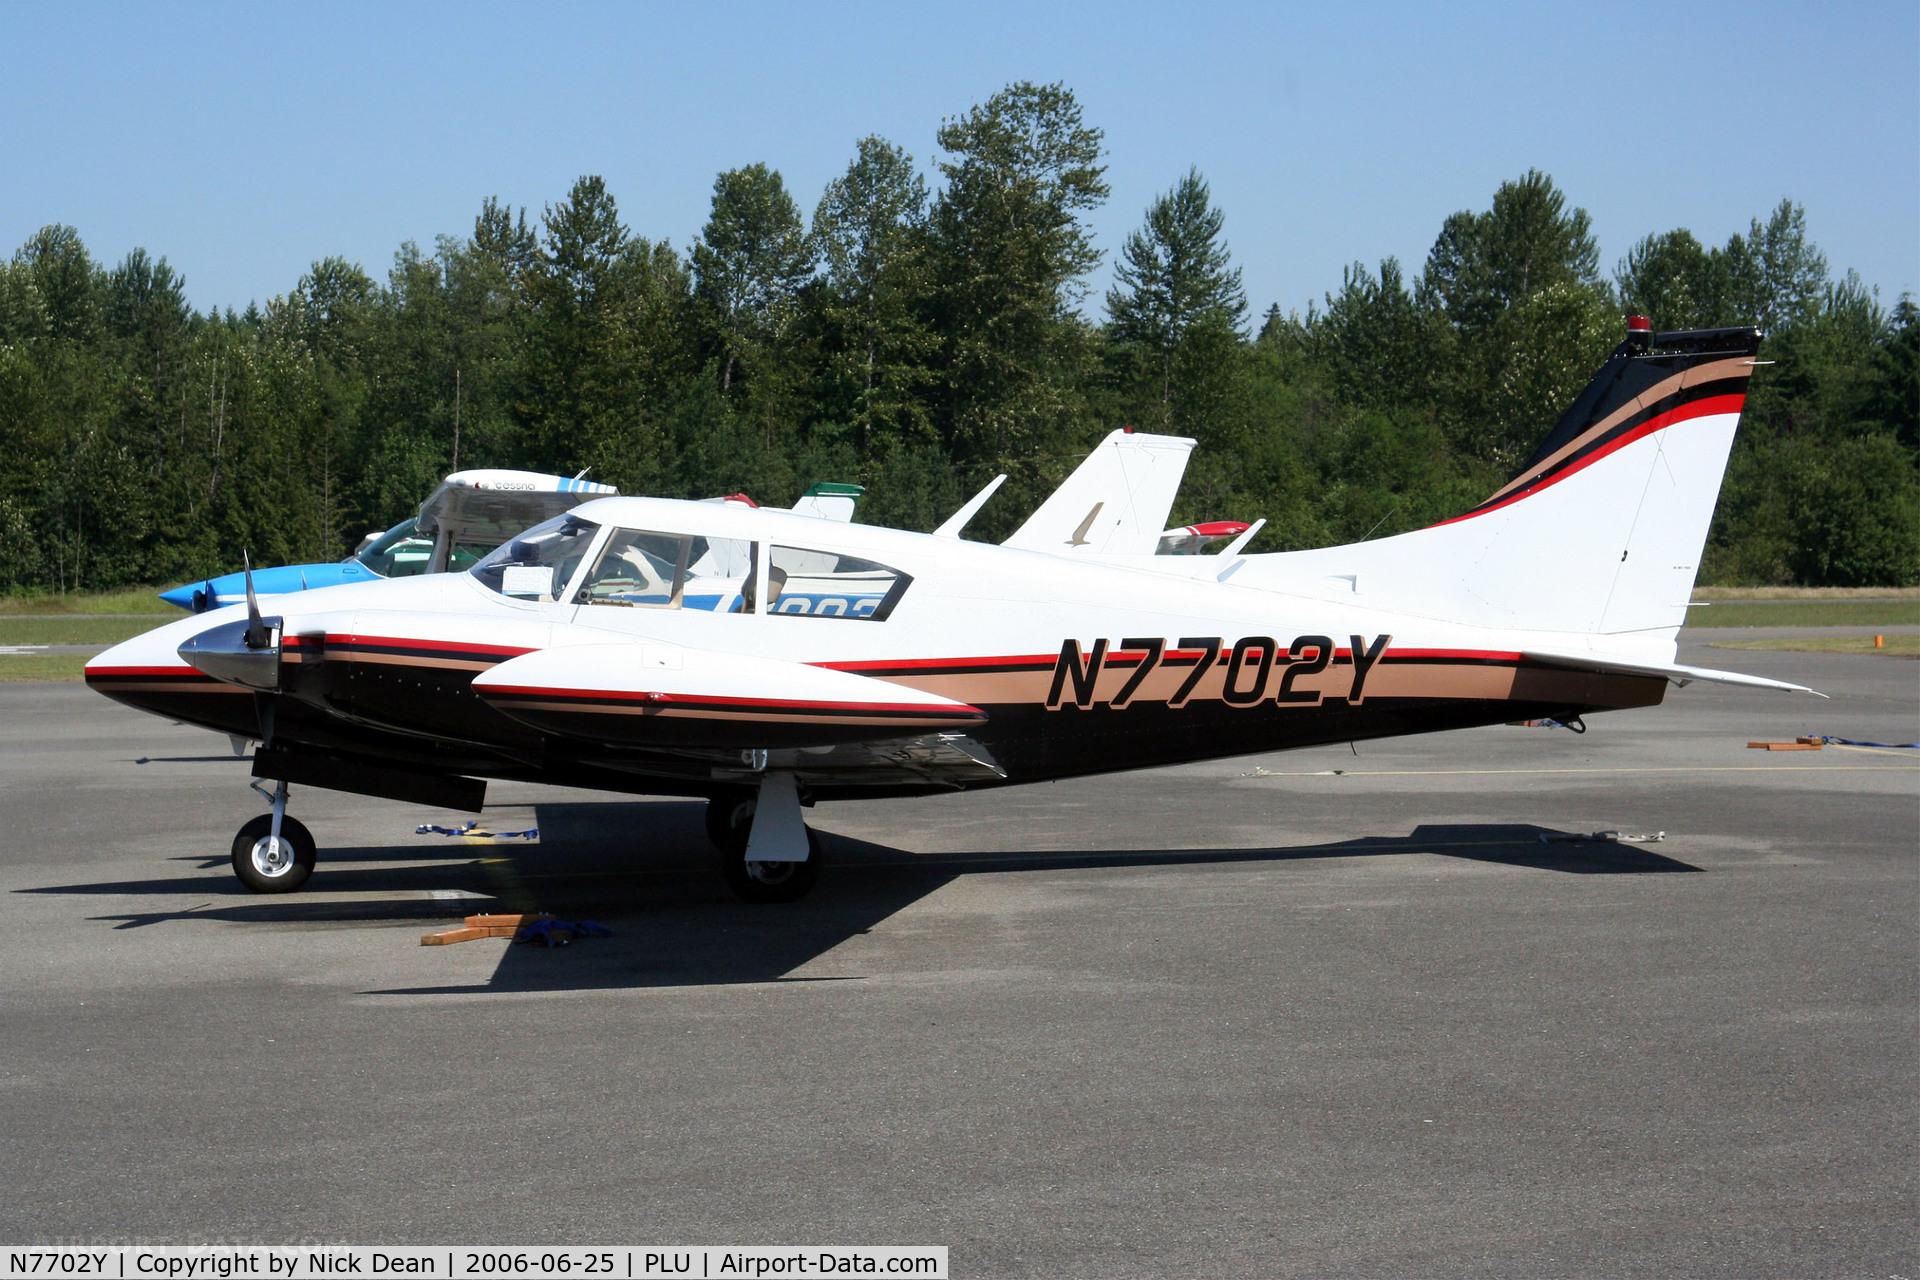 N7702Y, 1965 Piper PA-30 C/N 30-788, /